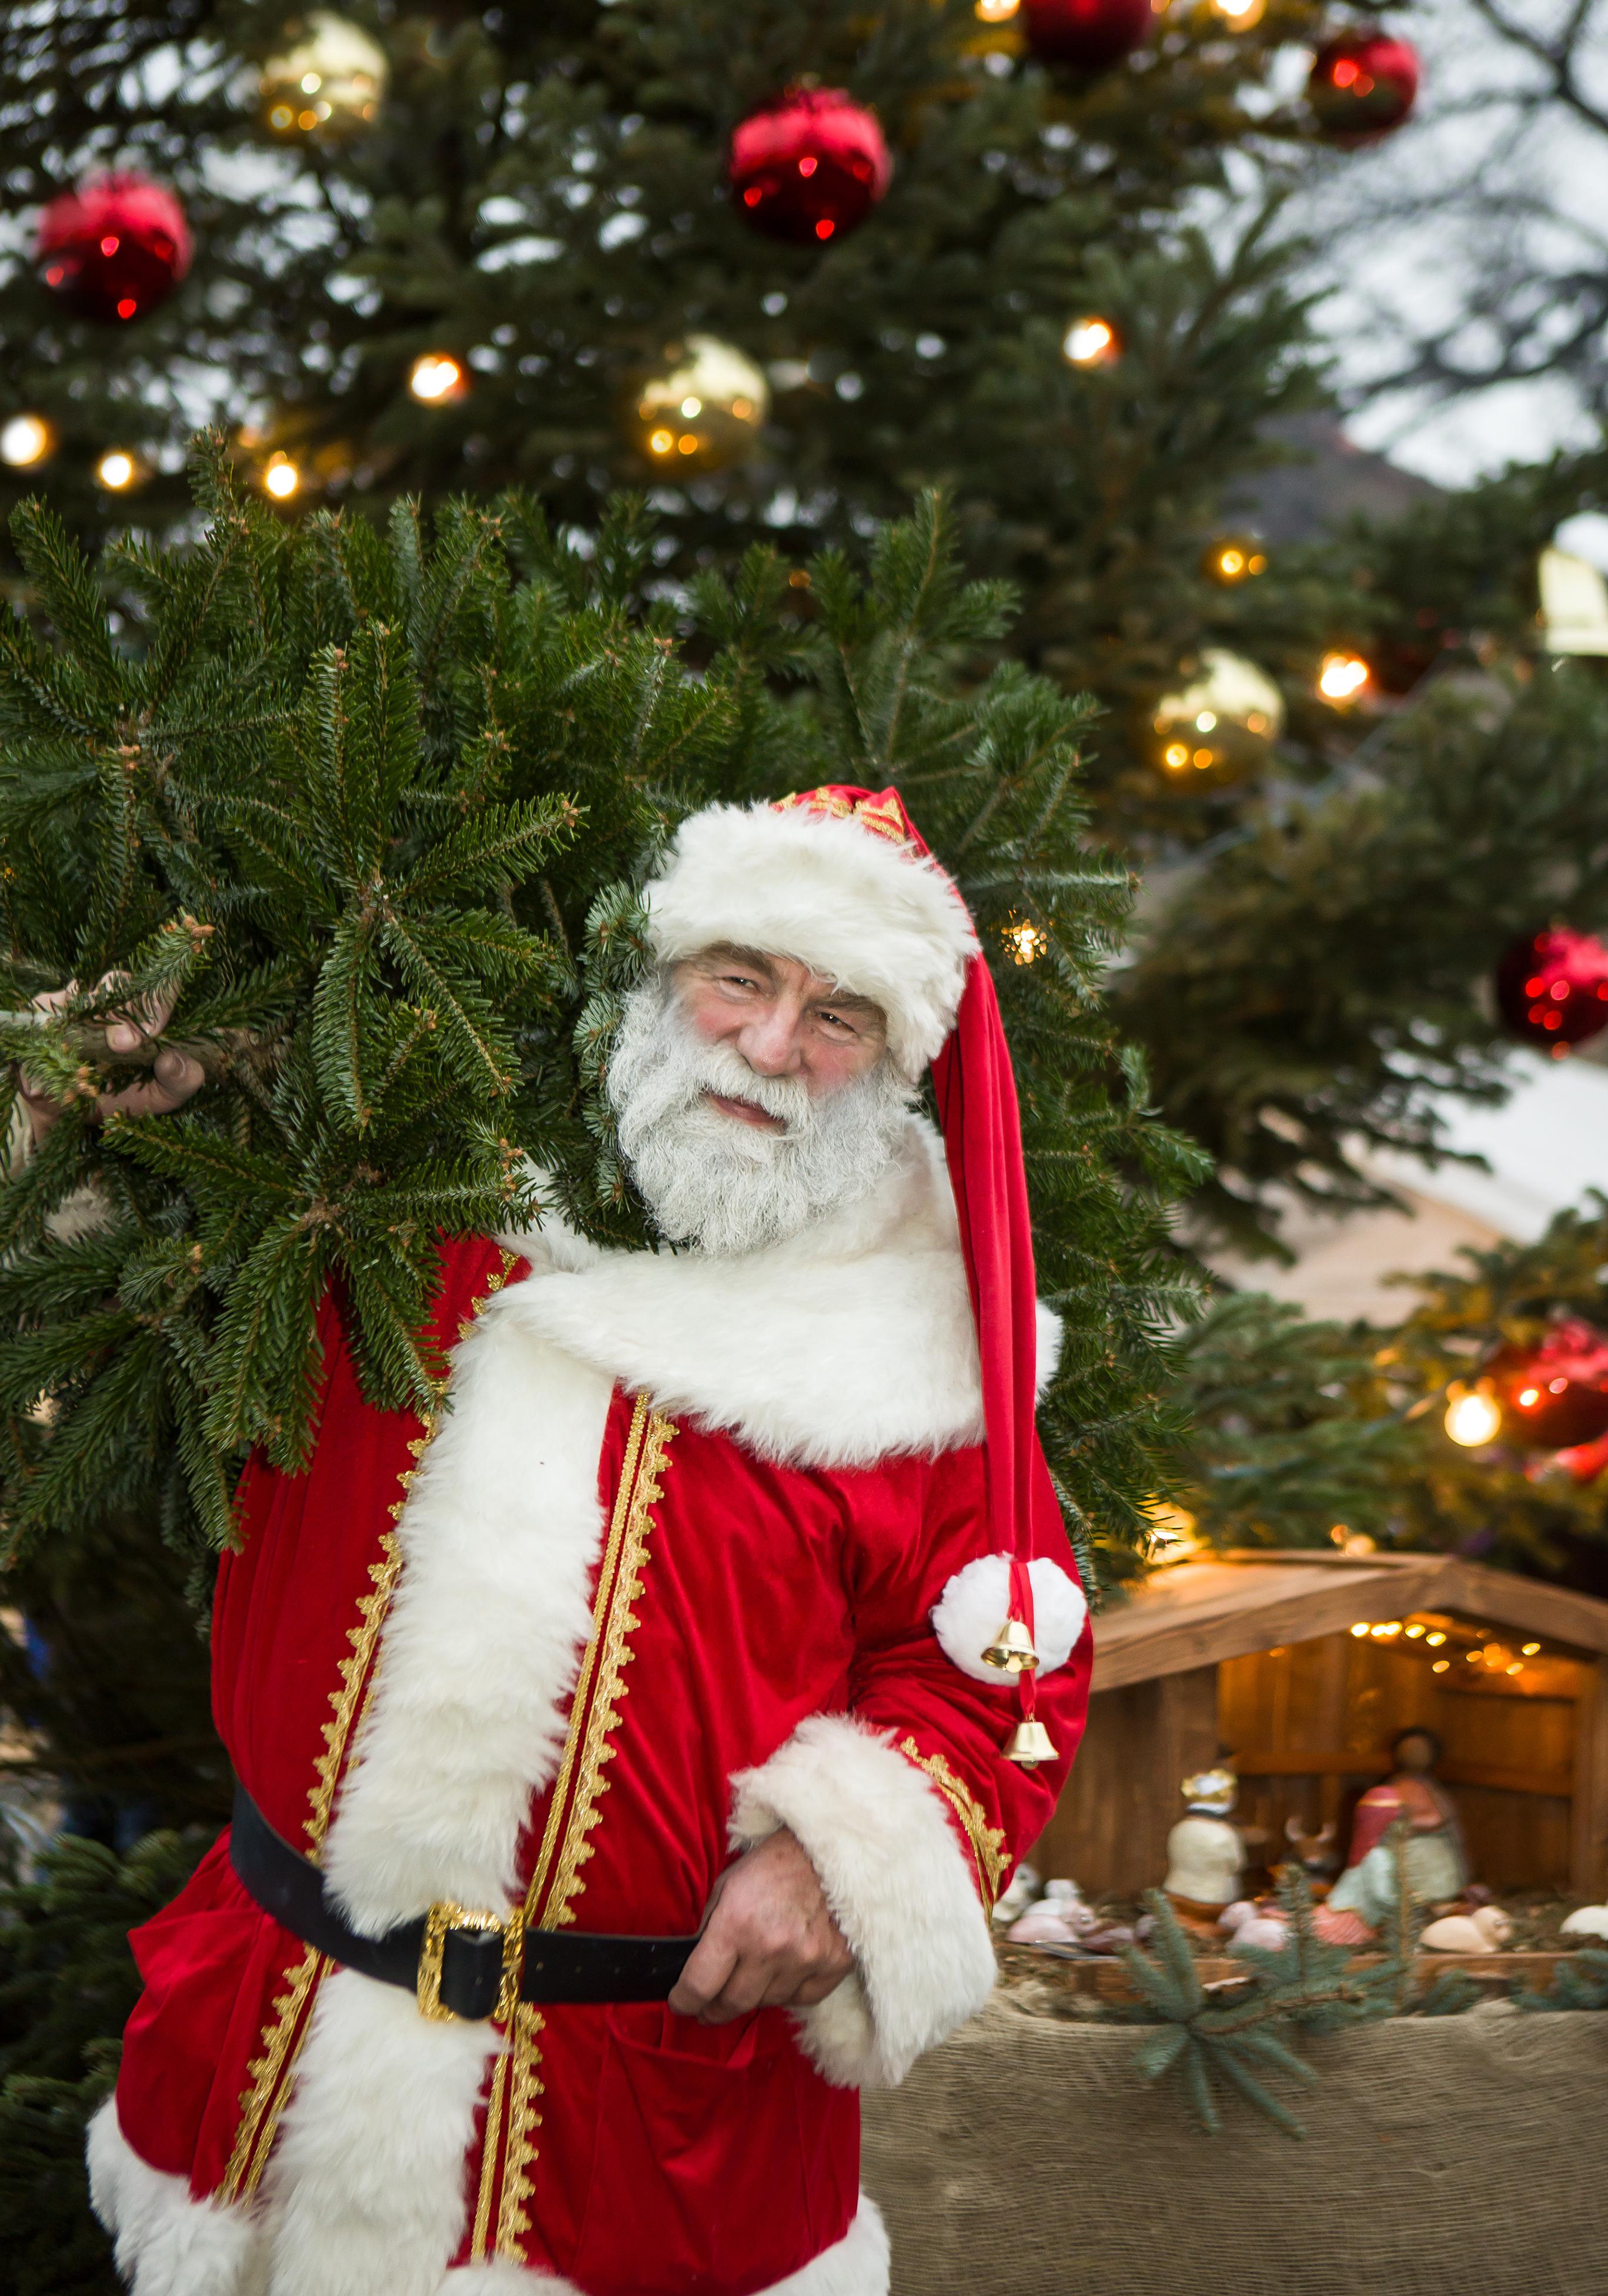 Weihnachtsmann mit Tannenbaum in den Späth'schen Baumschulen